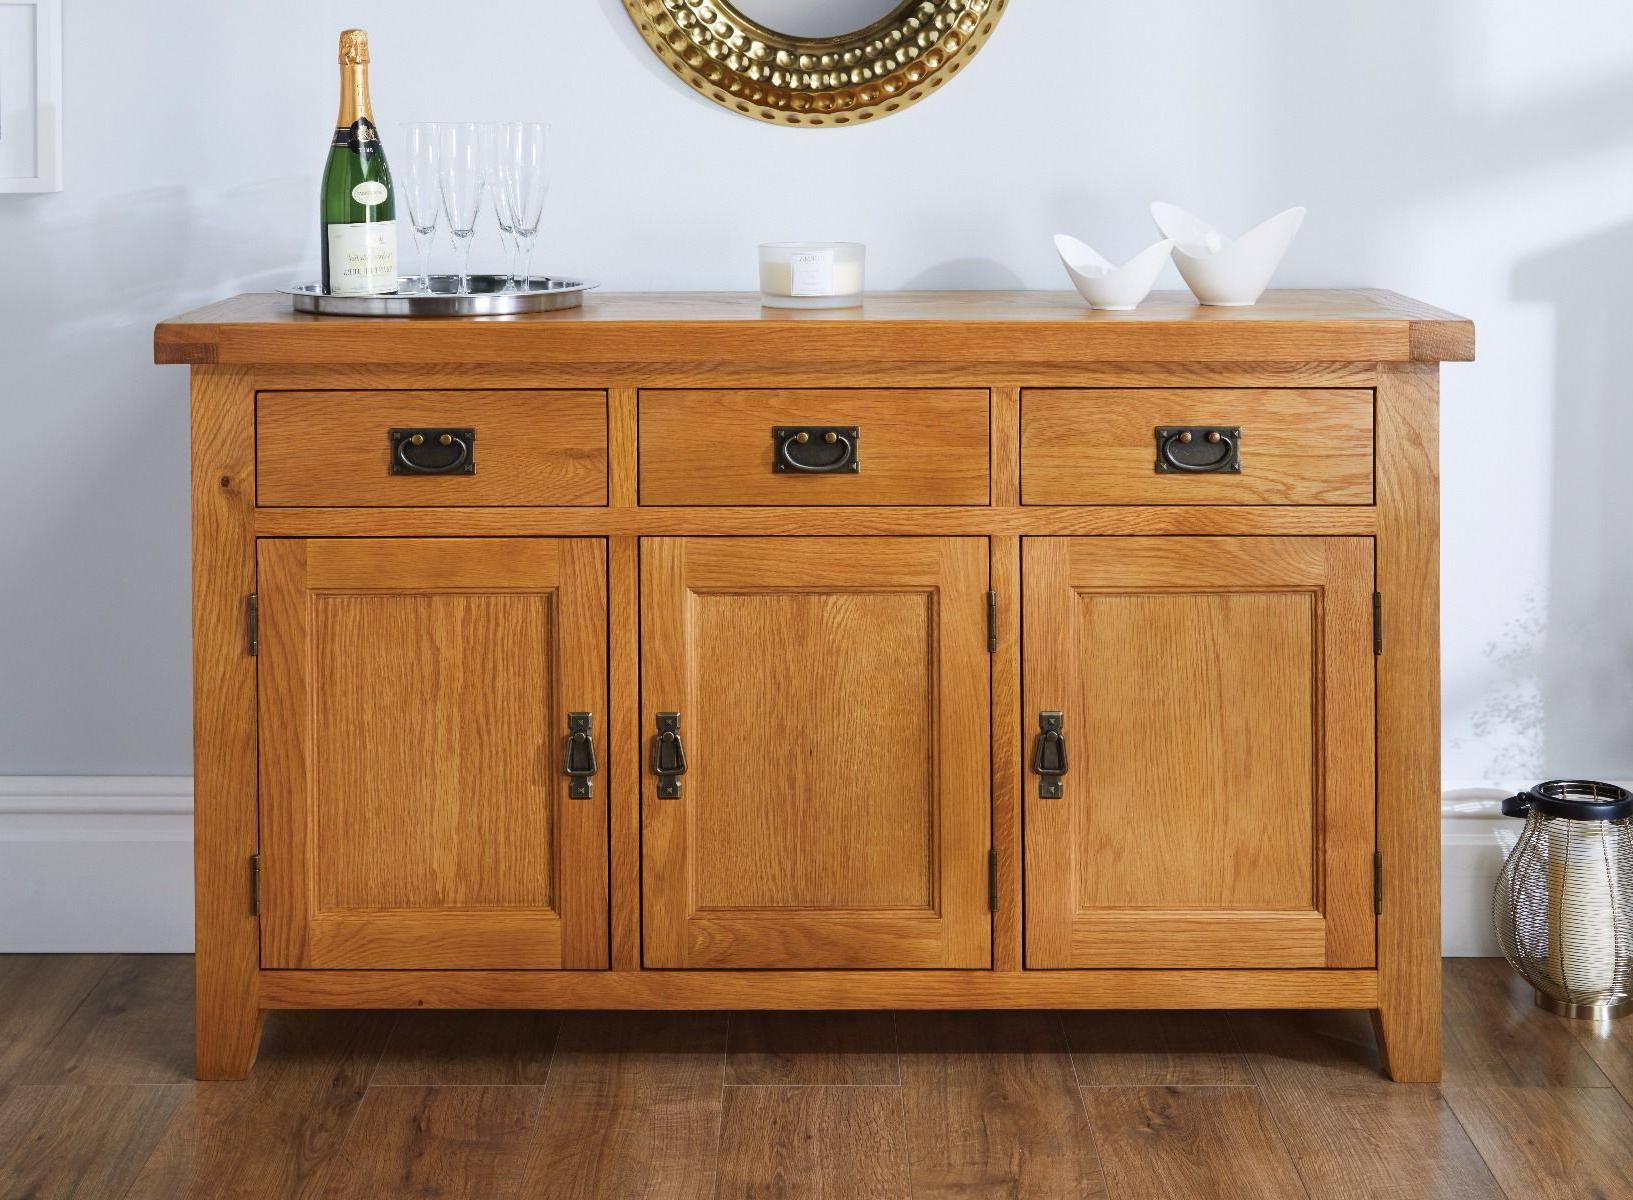 Widely Used Drummond 3 Drawer Sideboards In Country Oak 3 Door Medium Oak Sideboard (View 20 of 20)